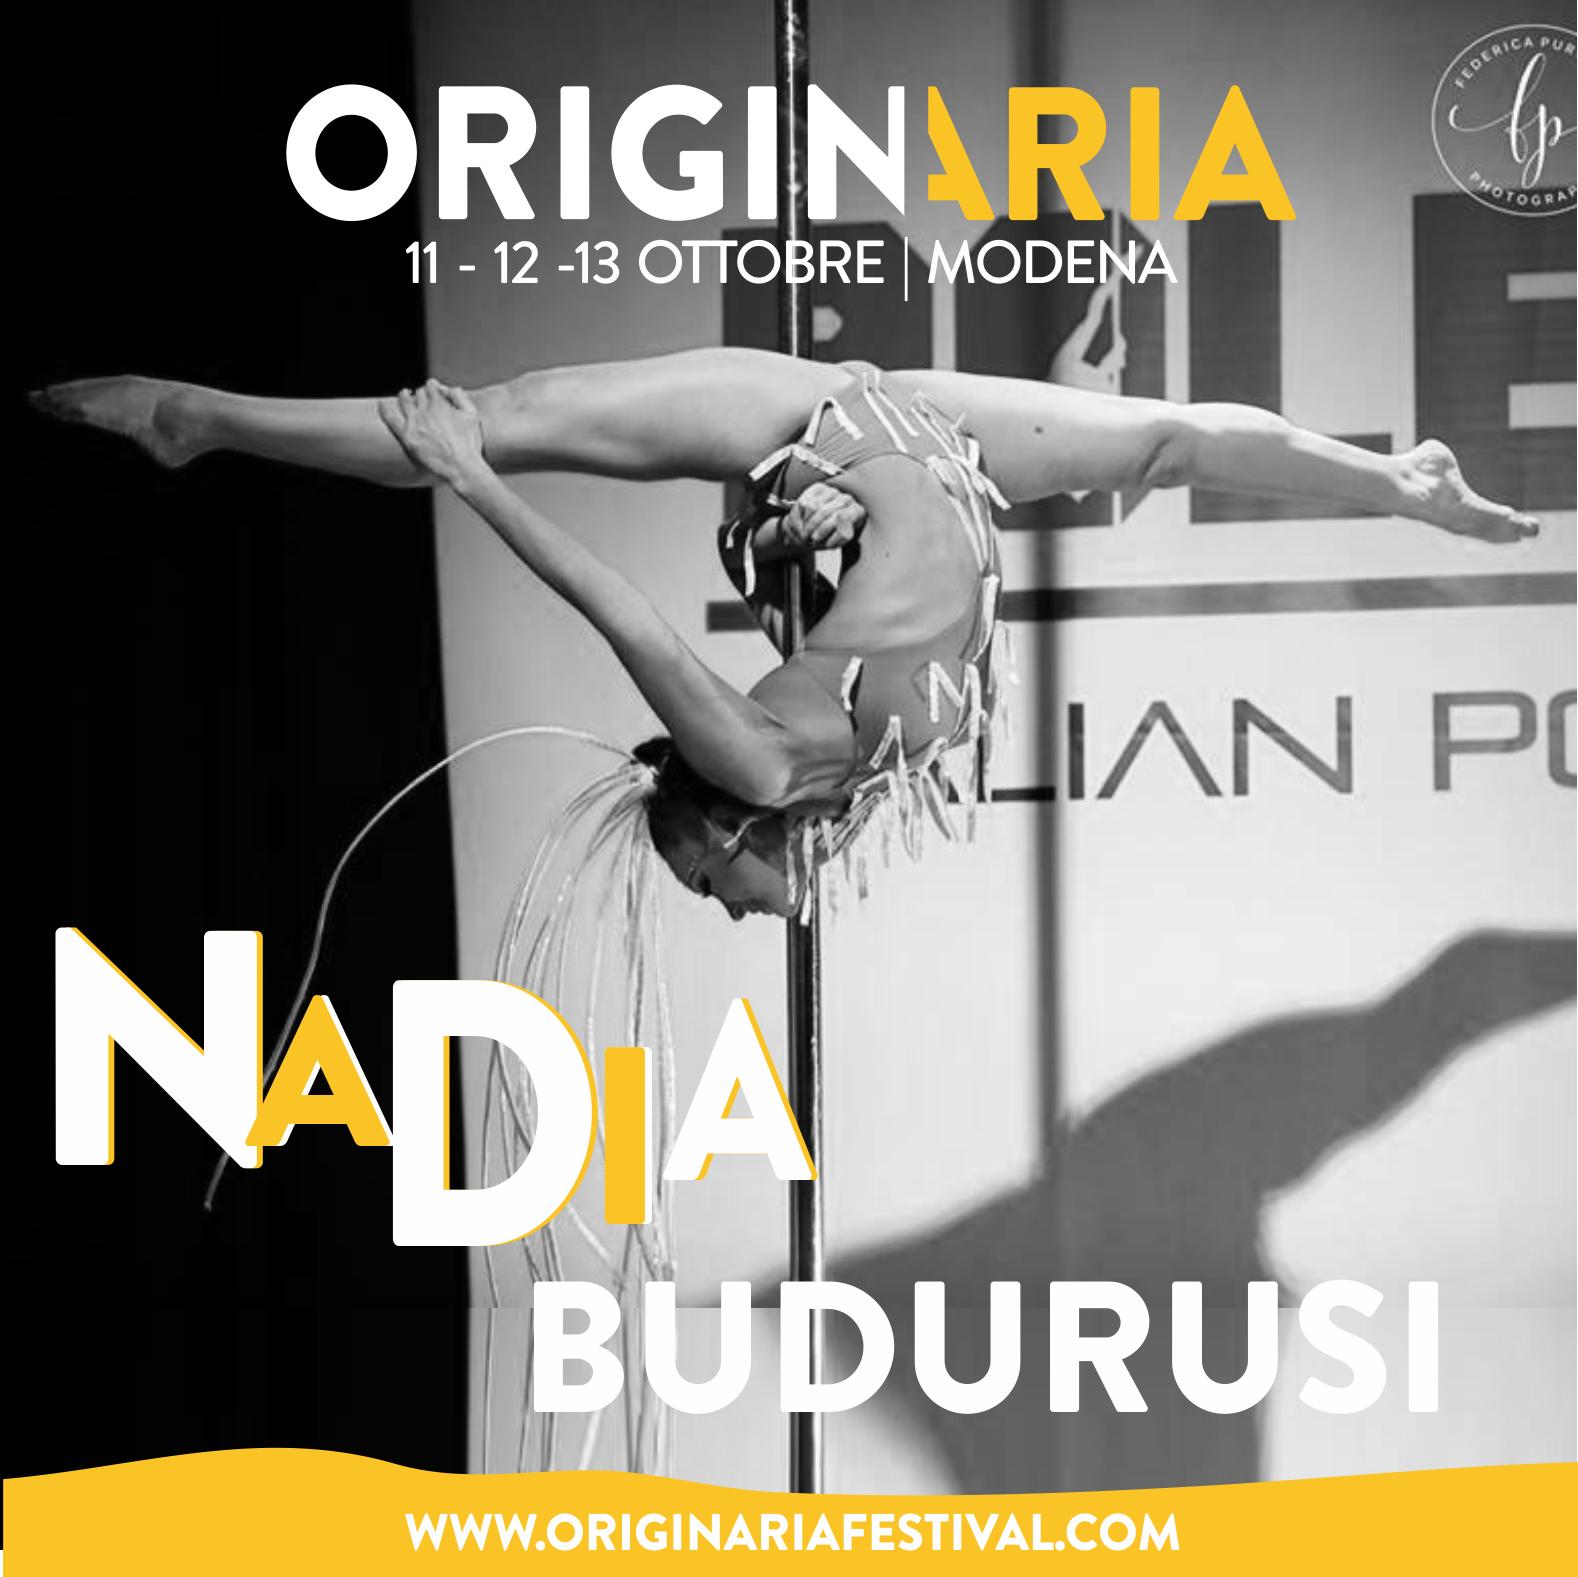 Nadia Budurusi OriginAria Festival